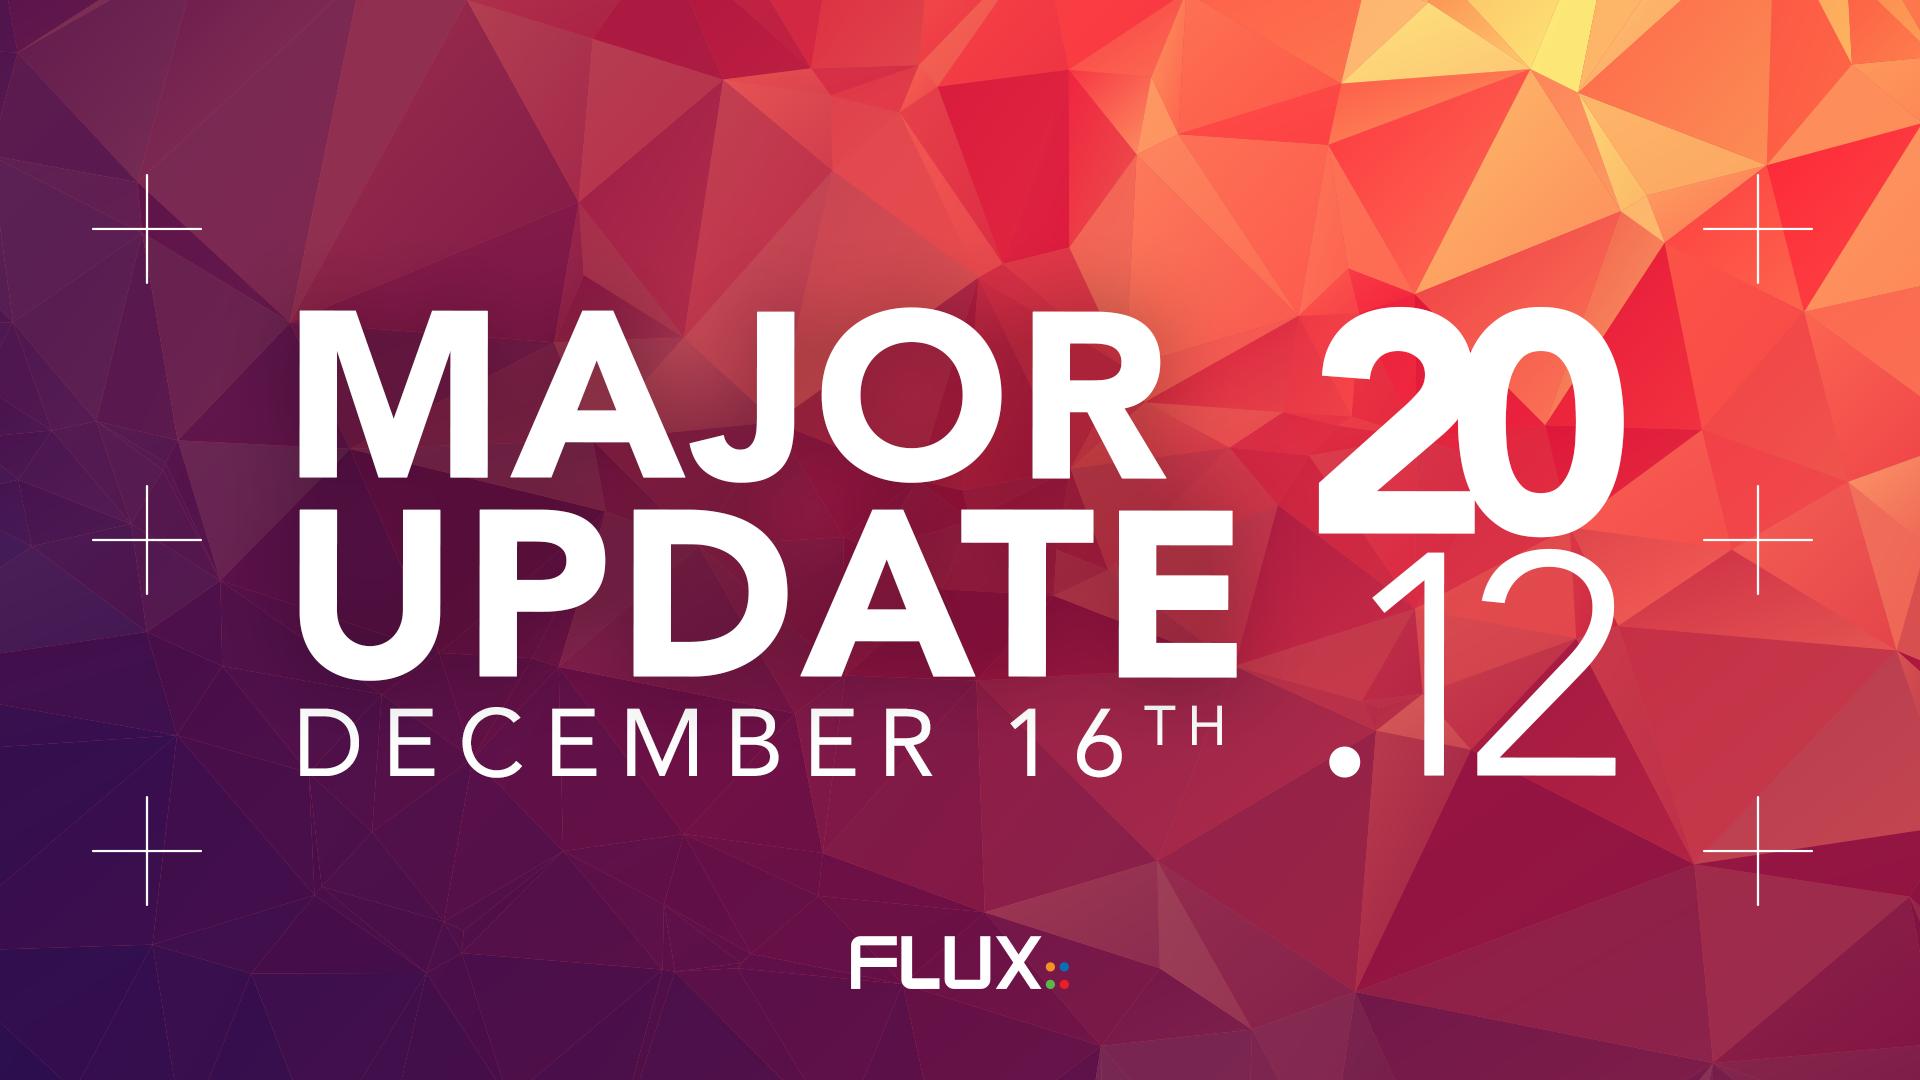 Major Update v20.12